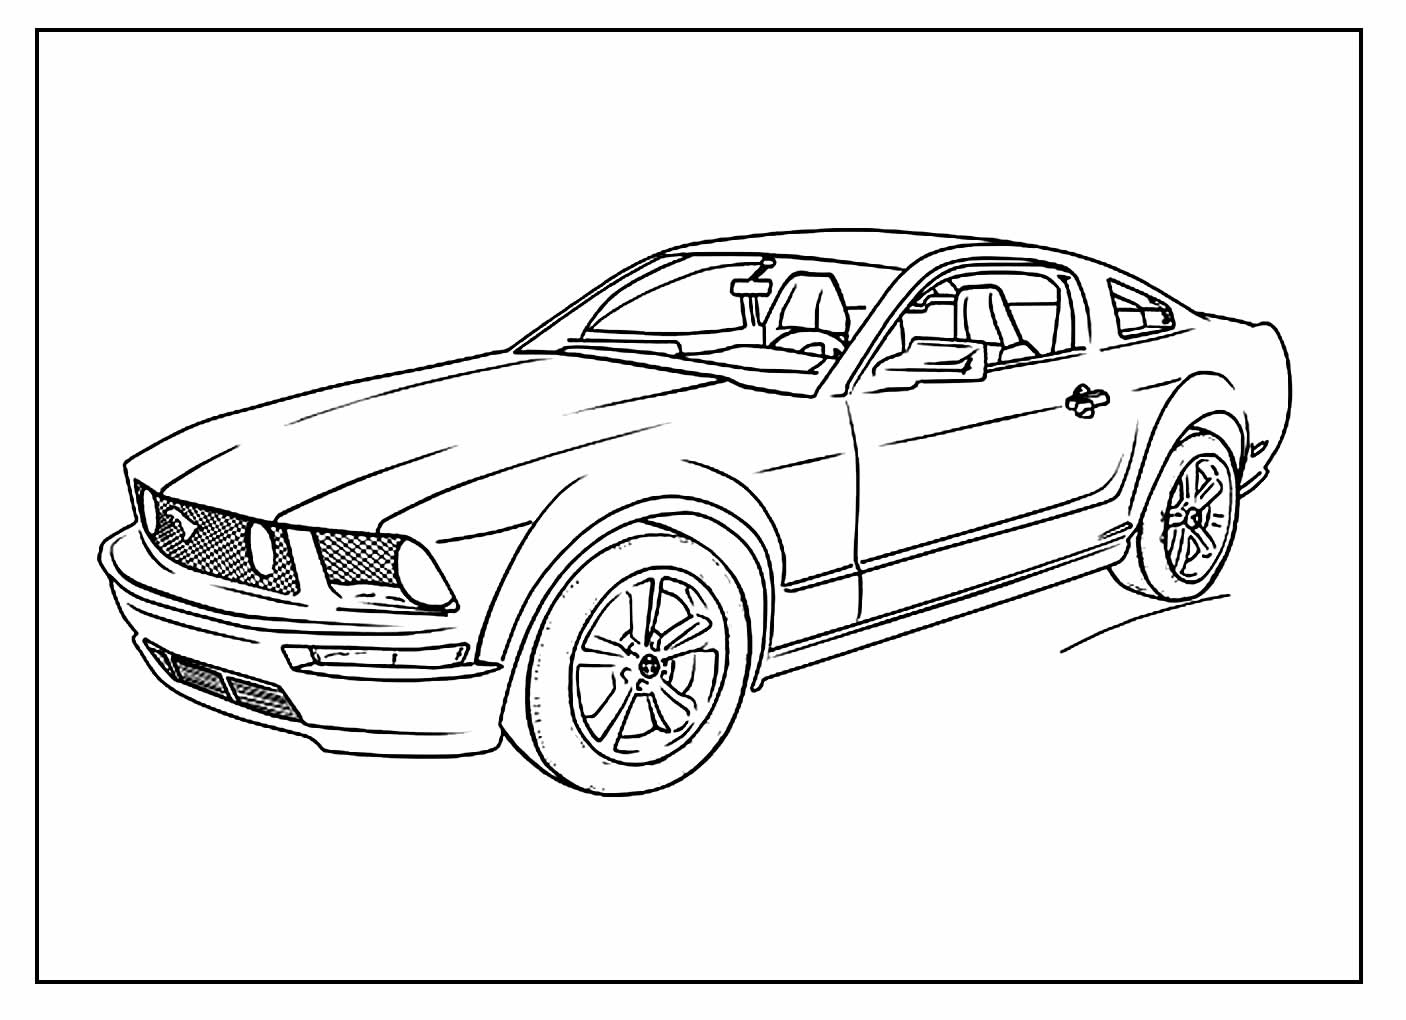 Desenho para colorir de Carro